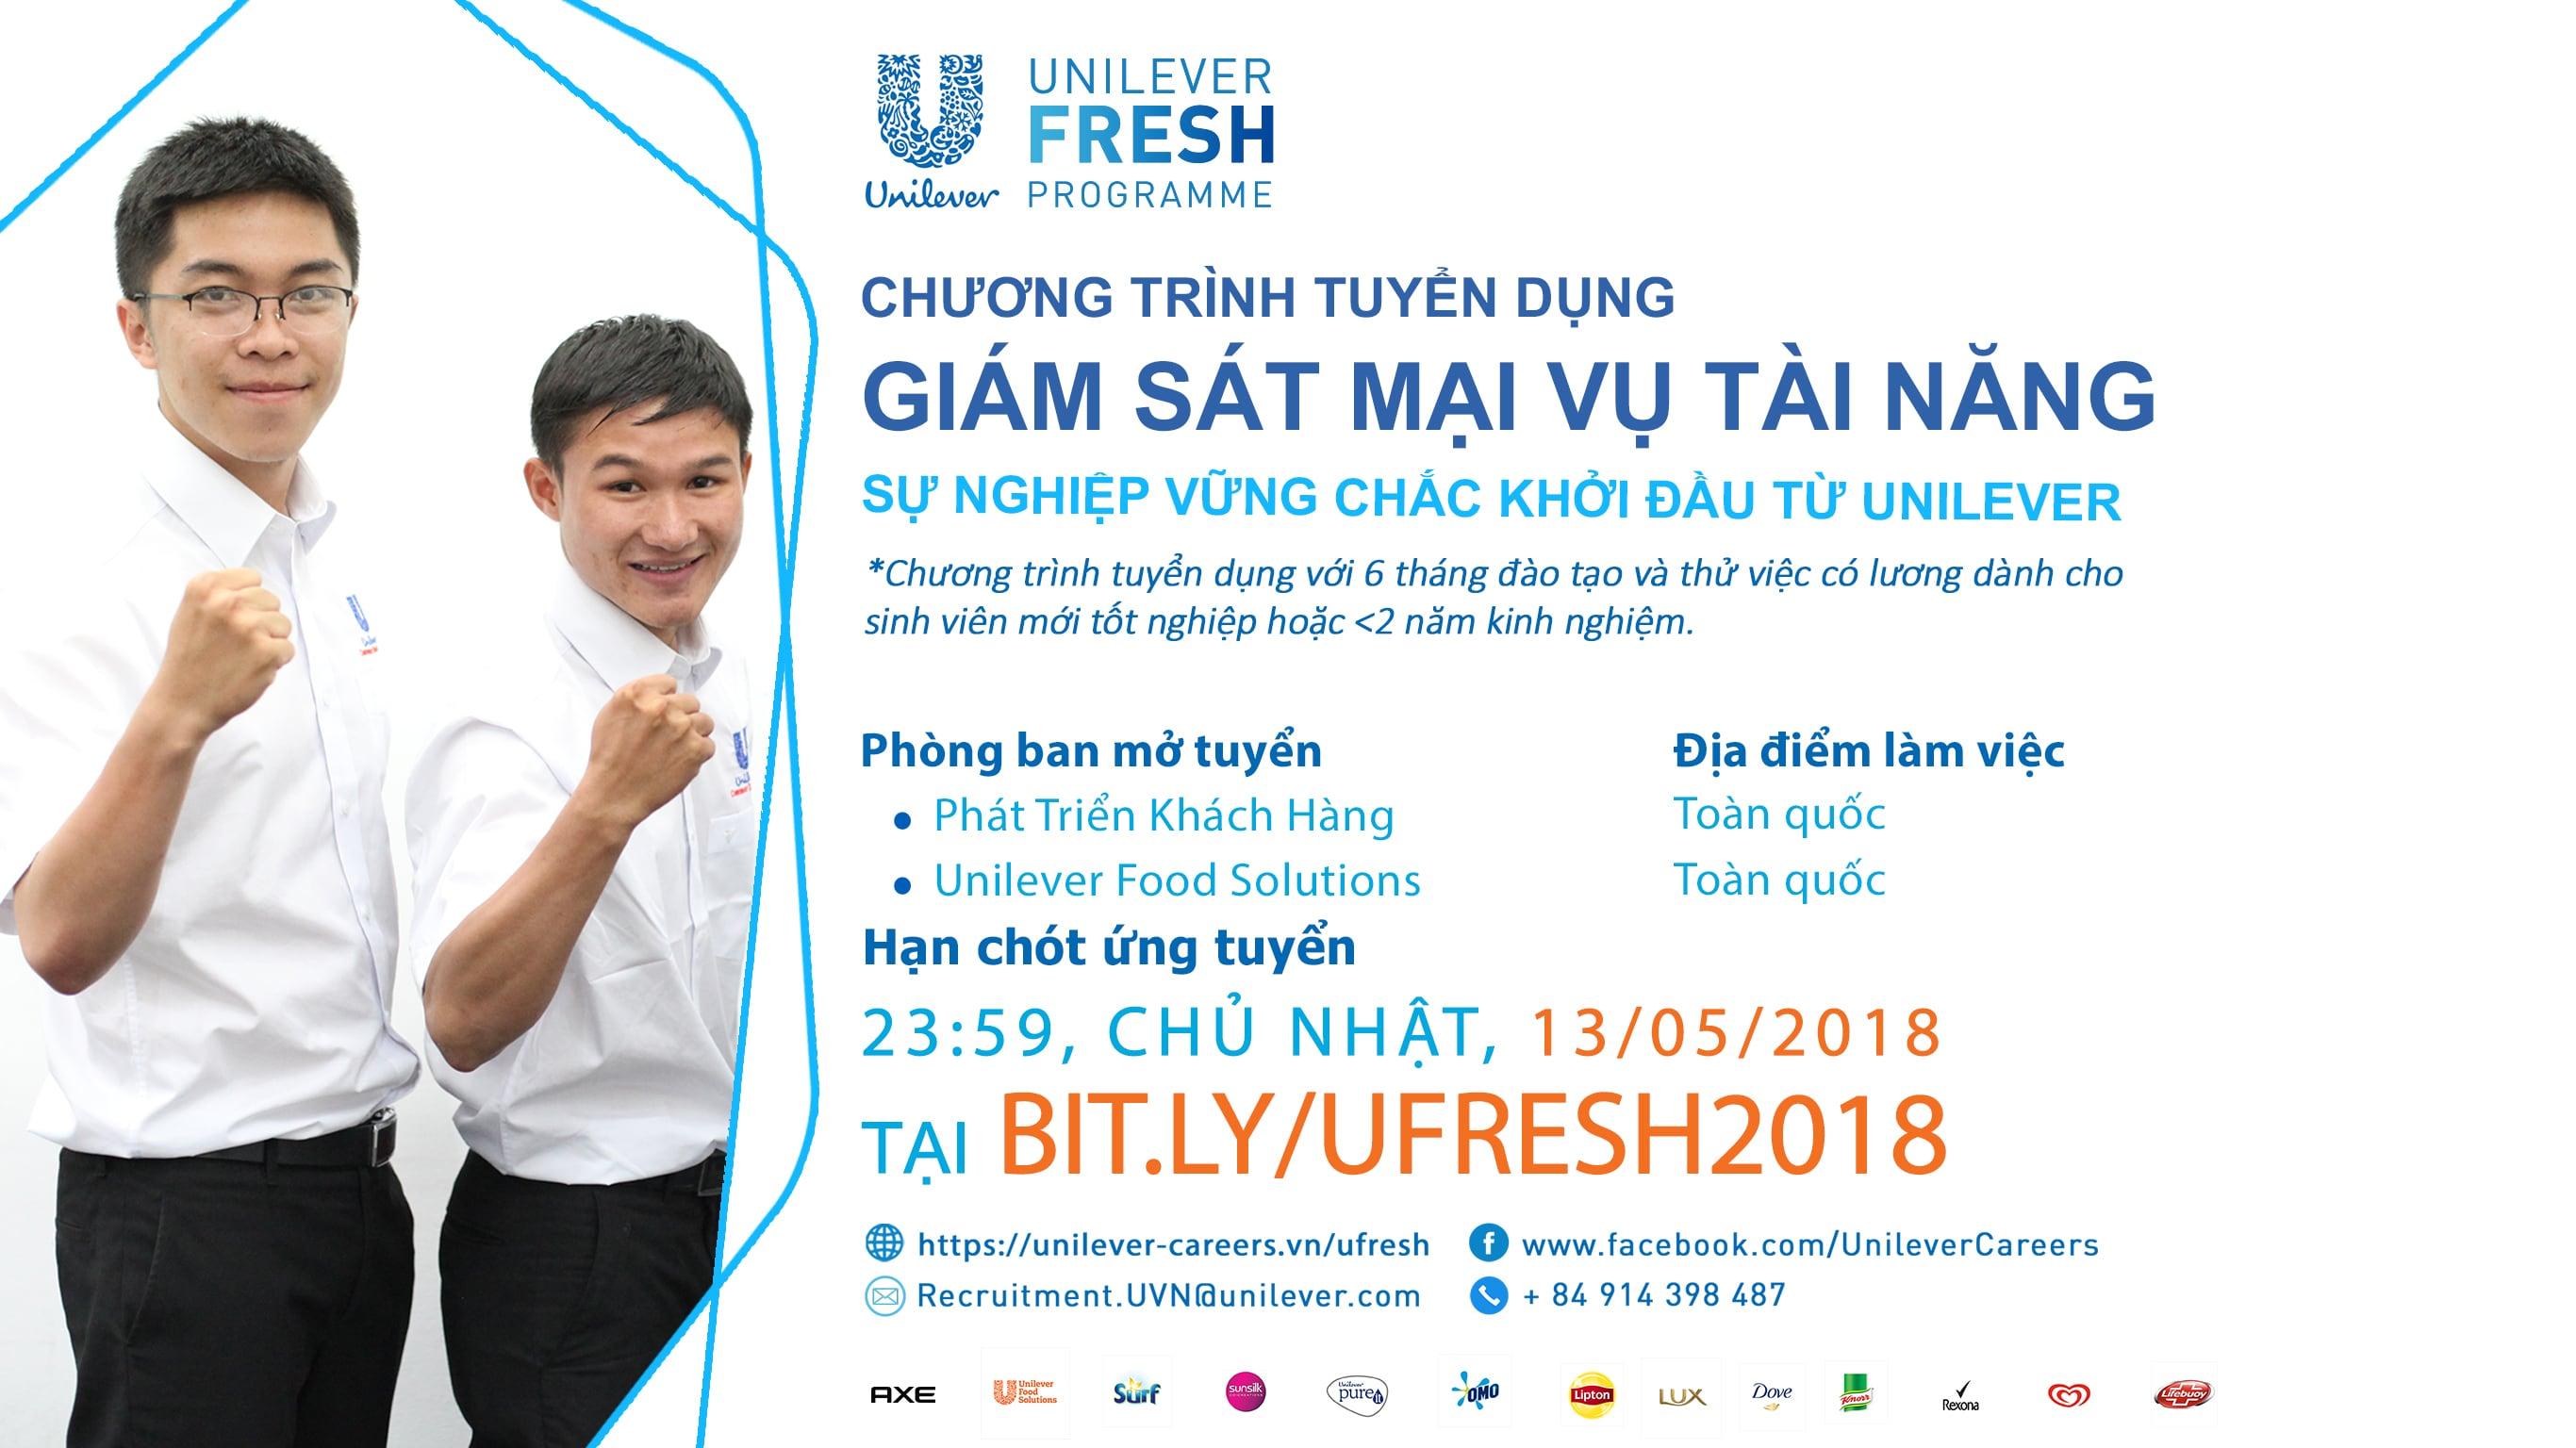 Unilever Fresh Programme – Tuyển Dụng Giám Sát Mại Vụ Tài Năng CDFRESH 2018